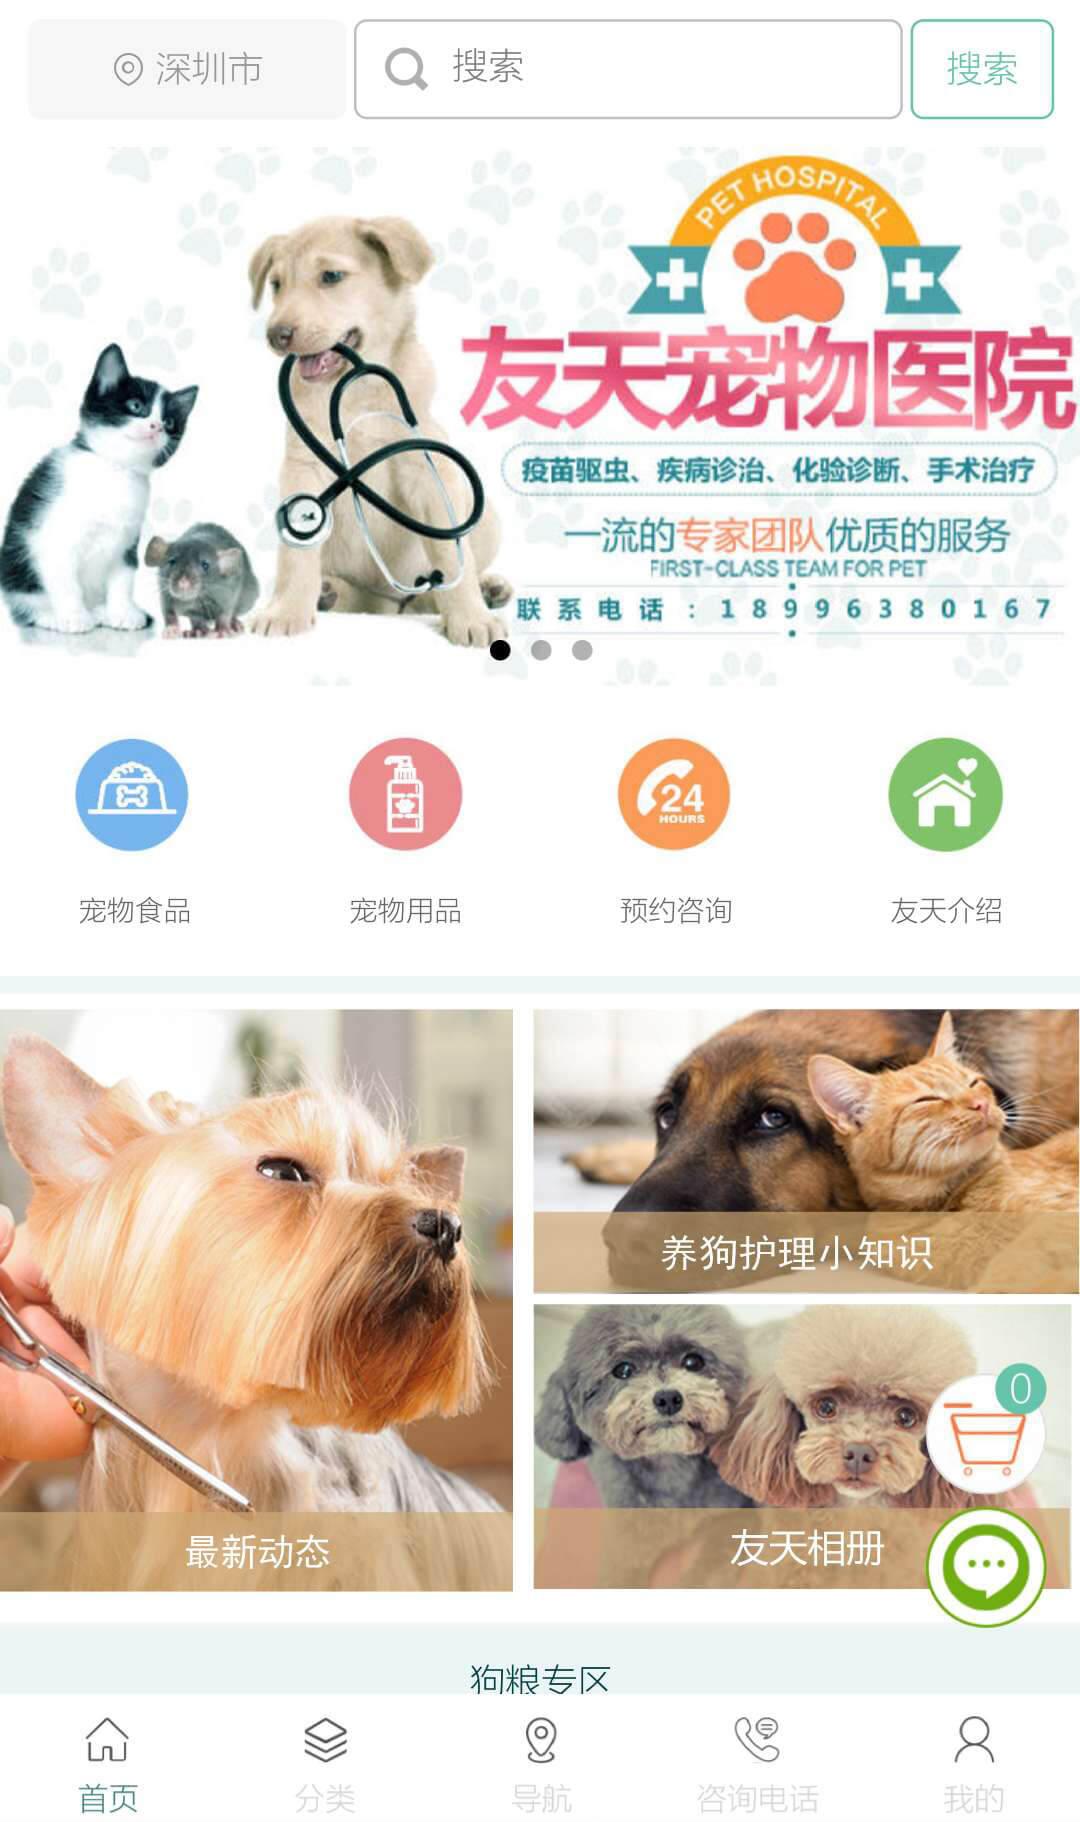 微信宠物医疗咨询平台小程序